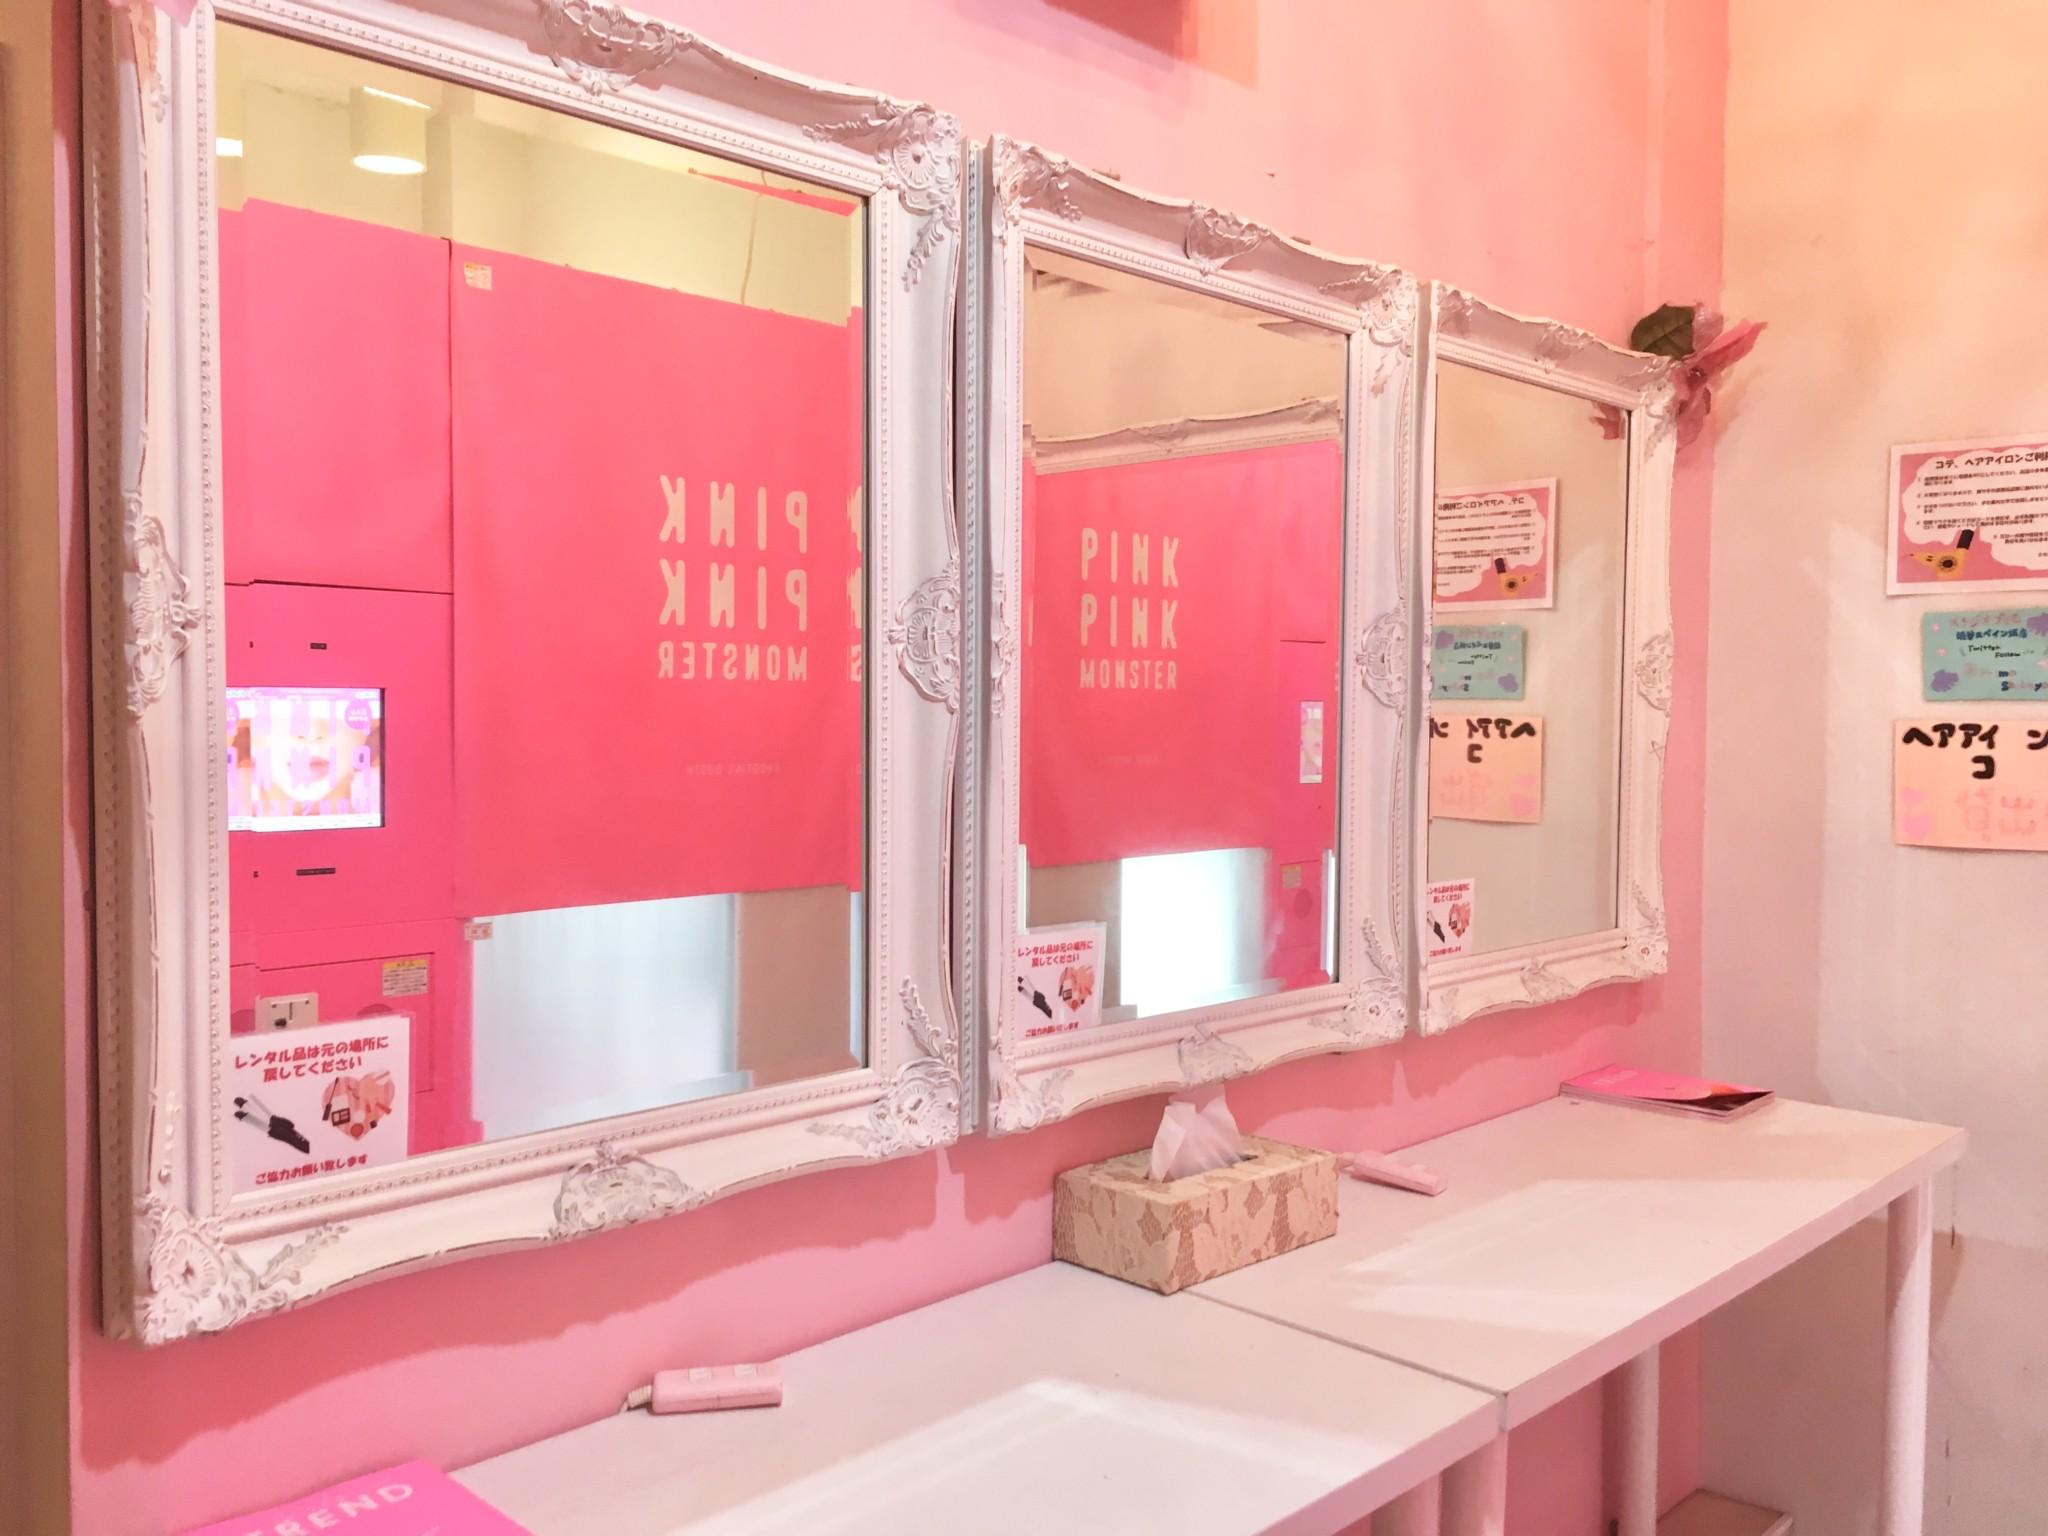 渋谷プリクラが撮れるお店「スタジオプリモ」2